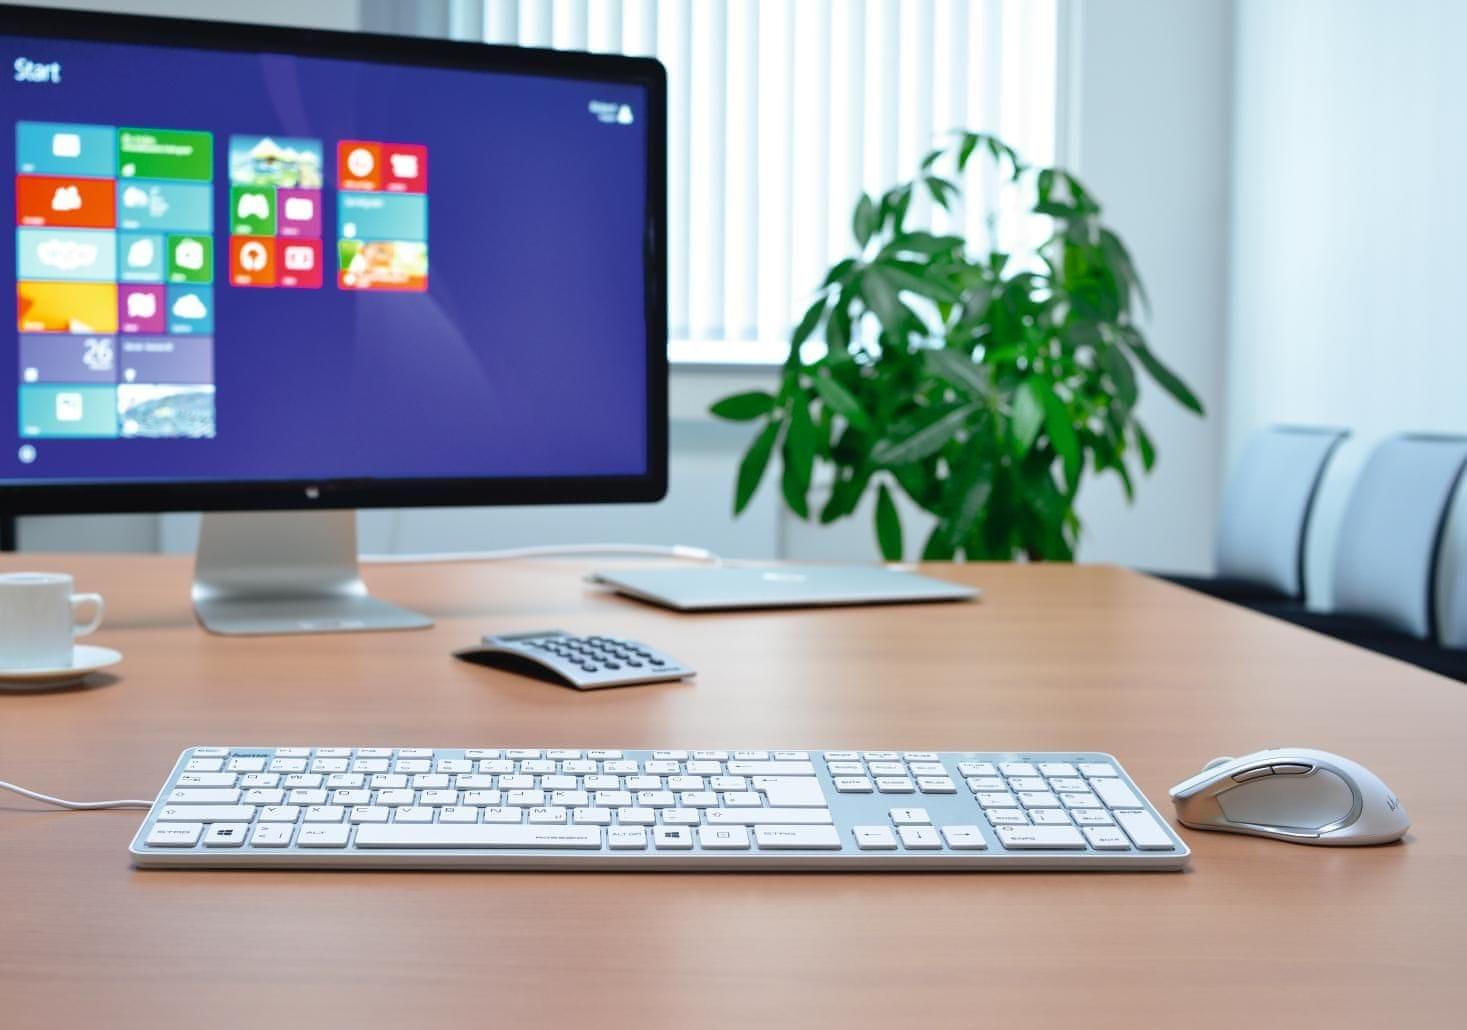 ffbedcd41 Hoci klávesnica využíva plnohodnotné rozloženie kláves, zároveň môže  ponúknuť kompaktné rozmery (44,1 × 12,4 × 1 cm). Pripojenie je riešené  pomocou ...